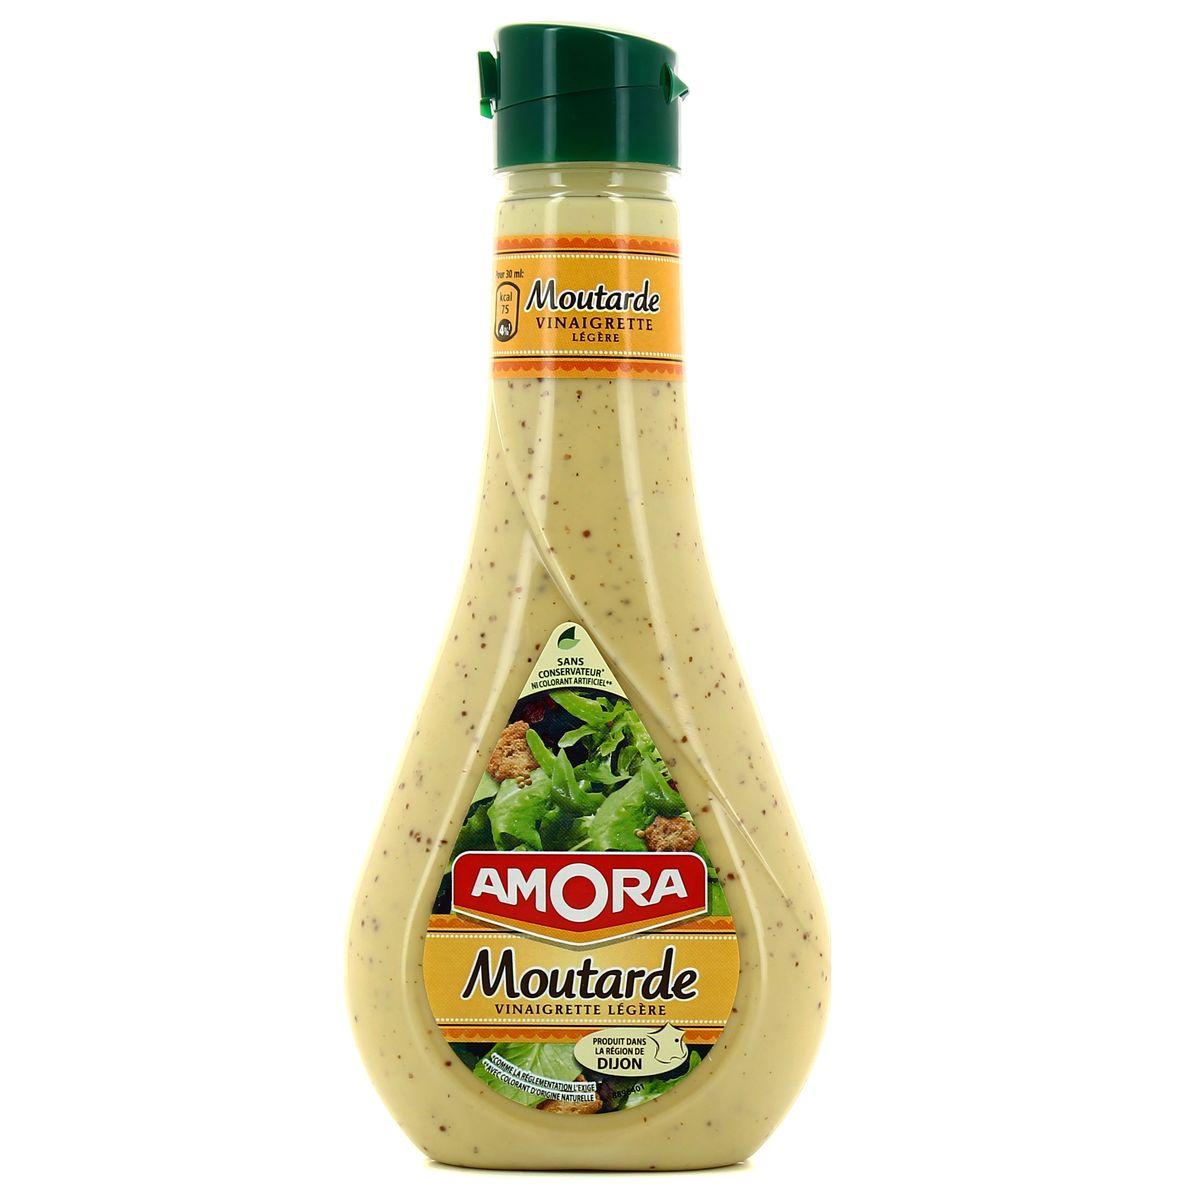 Vinaigrette moutarde, Amora (450 ml)